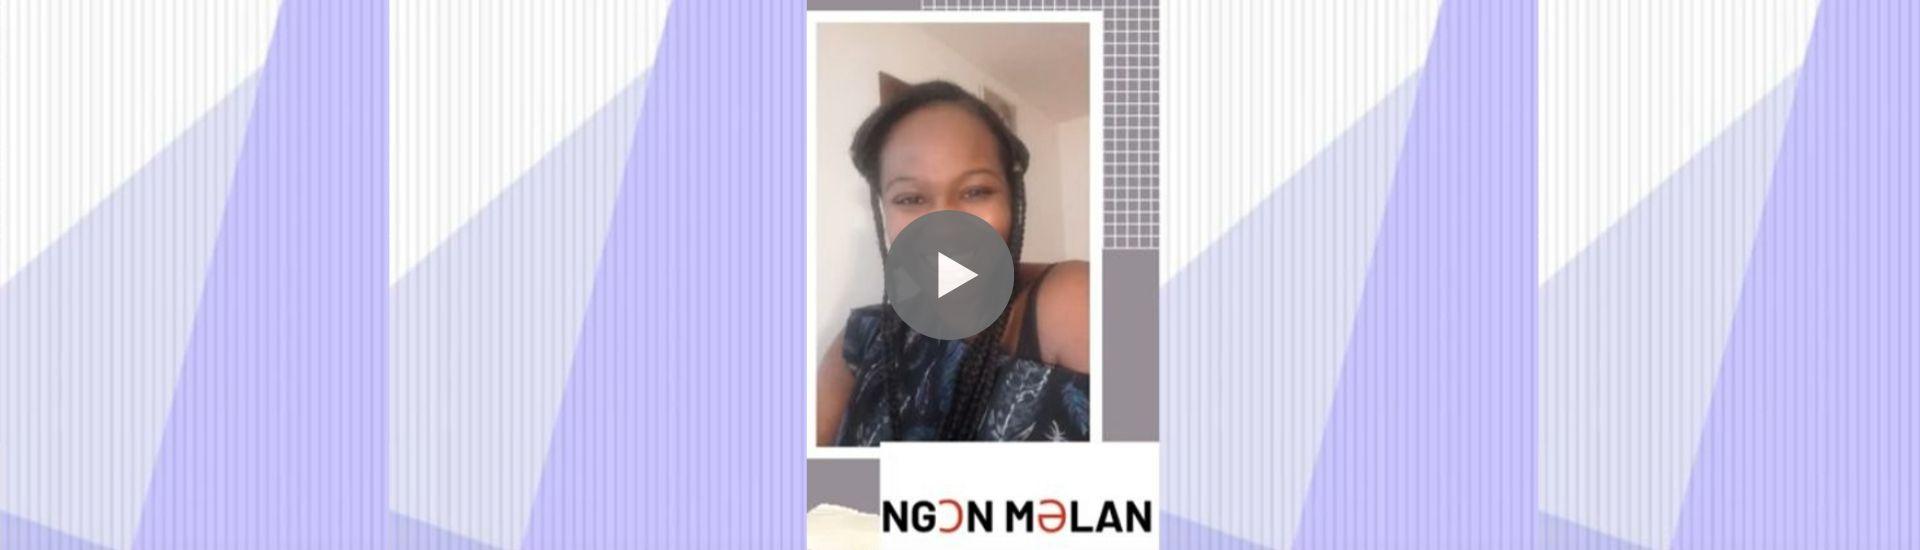 """MINSILI ZANGA """"Ngoan Melan"""" - Ecrivaine et poétesse camerounaise - Dzaleu.com Editor (VIDEOS de Minsilizanga.com)"""